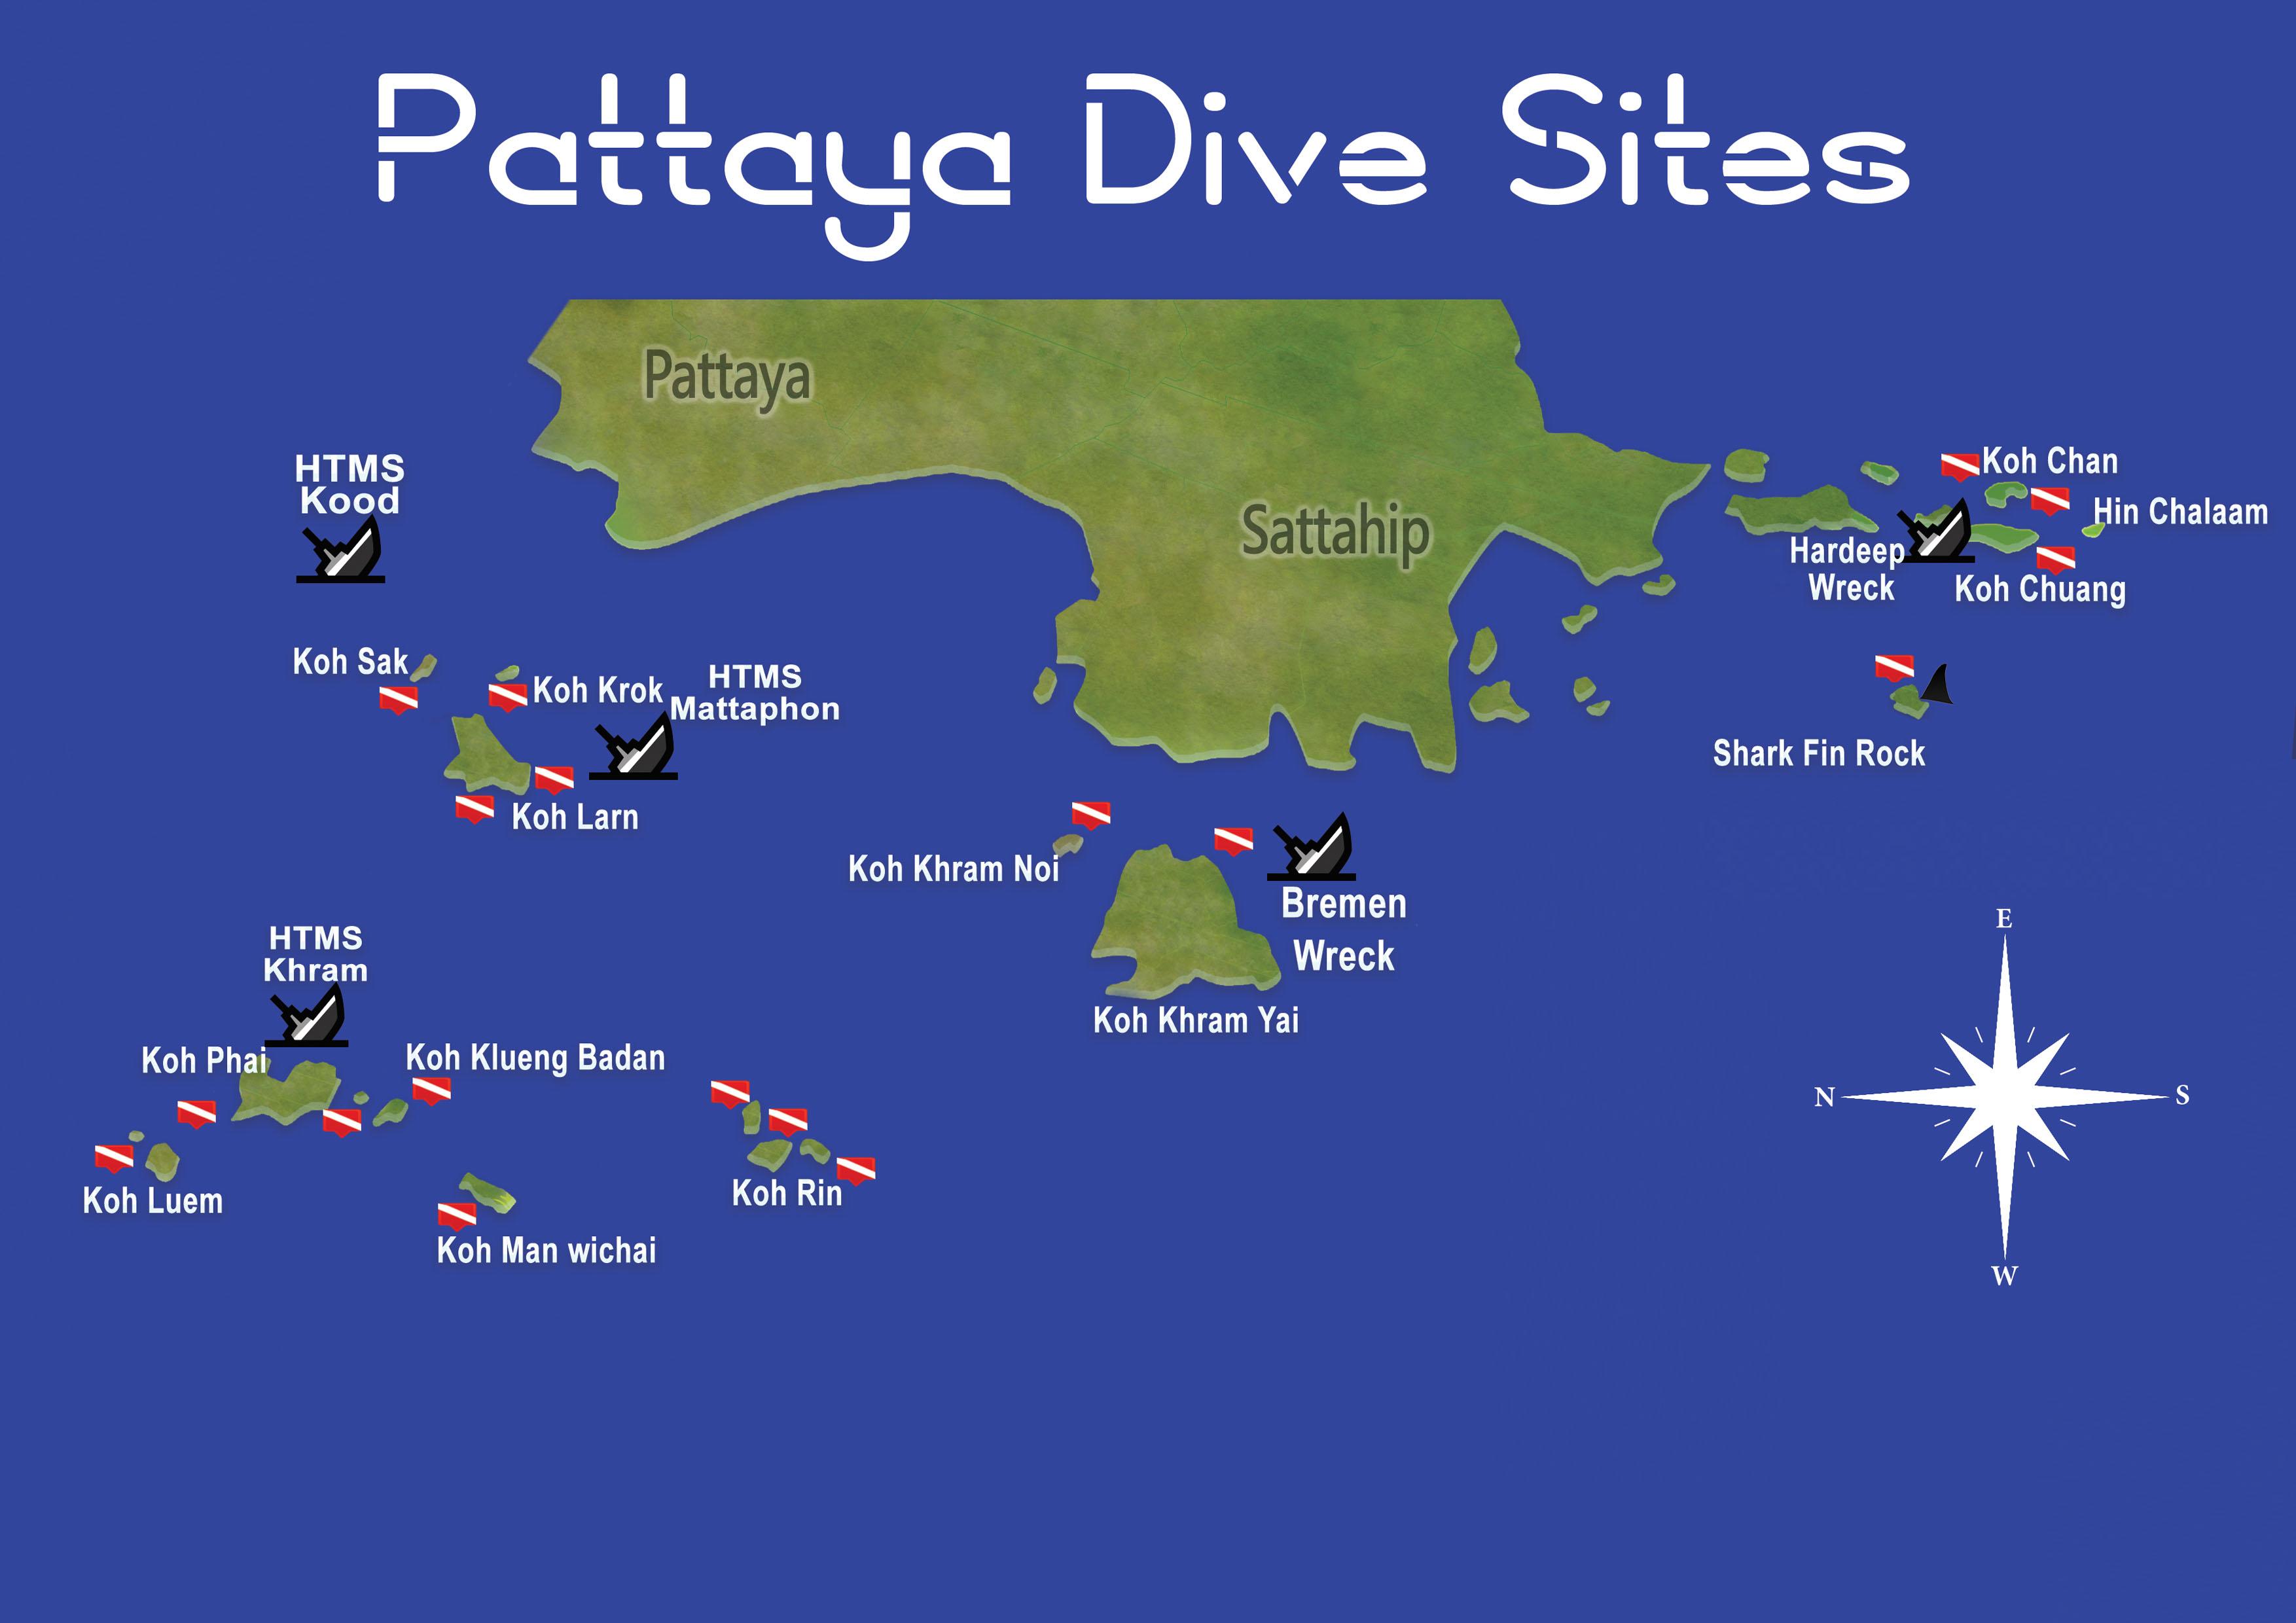 Pattaya Dive Sites Map Thailand Scuba Diving